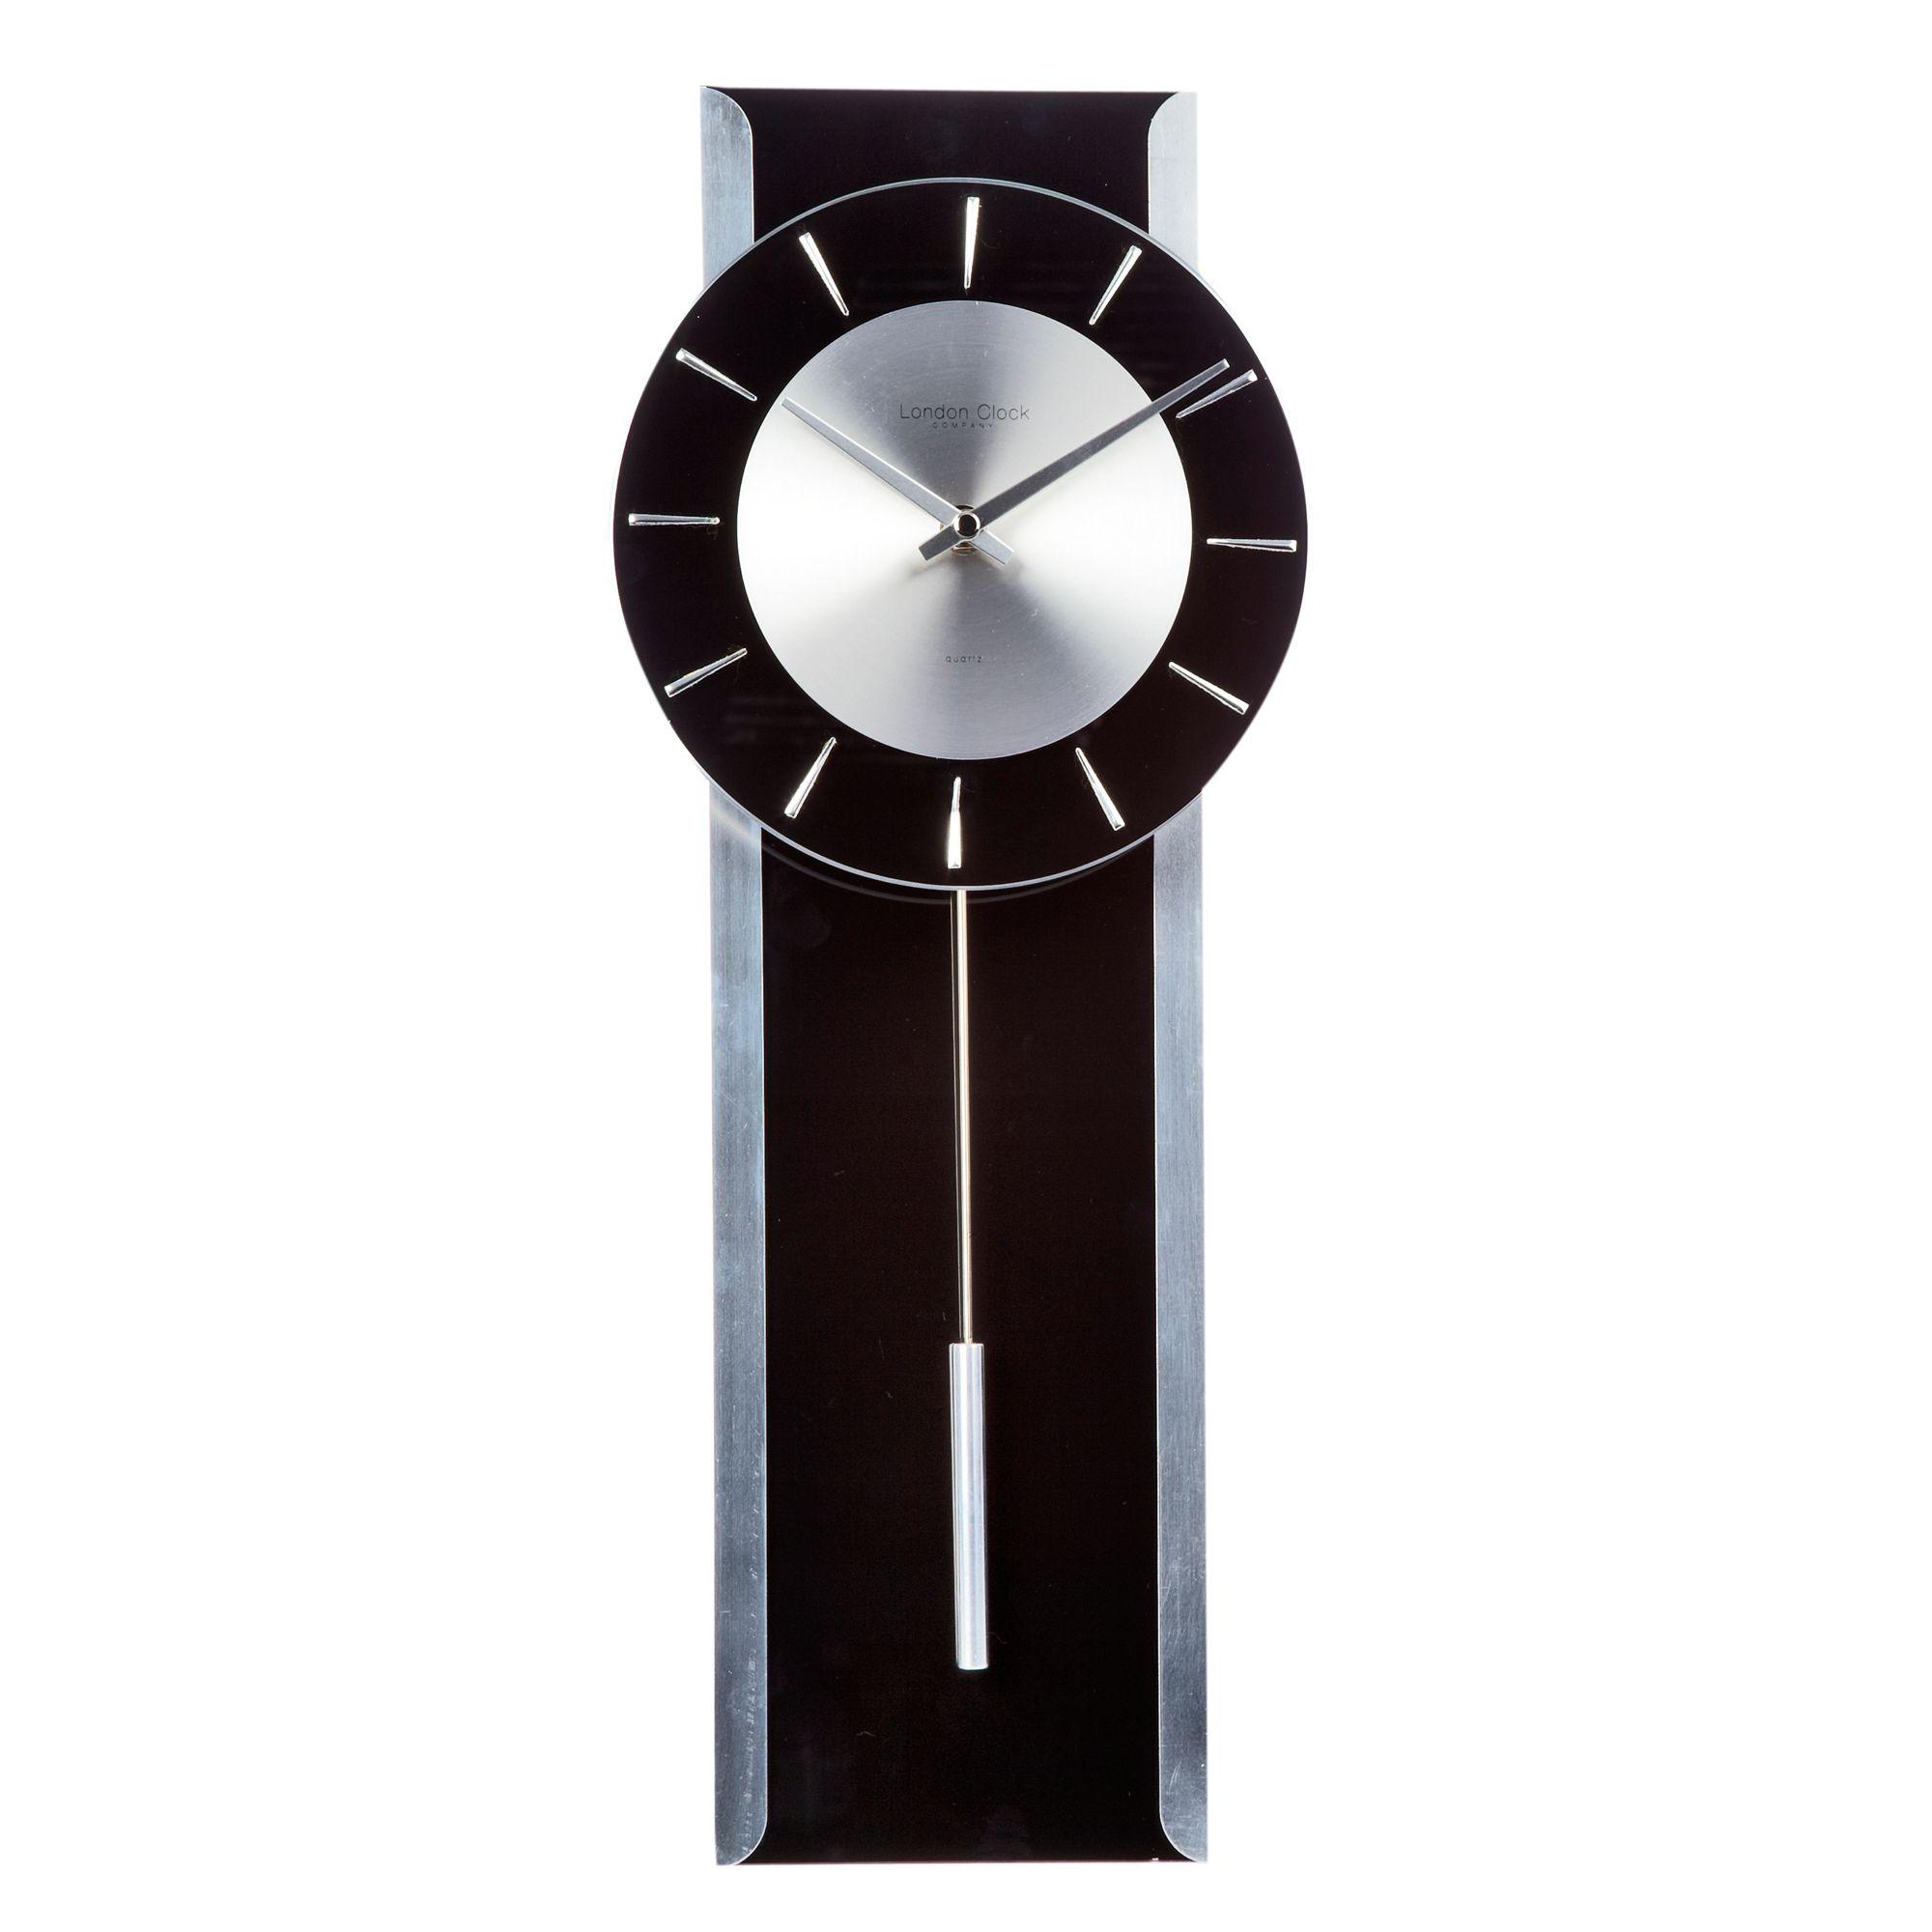 London Clock Black \'Pendulum\' Wall Clock 2200866637671 | eBay